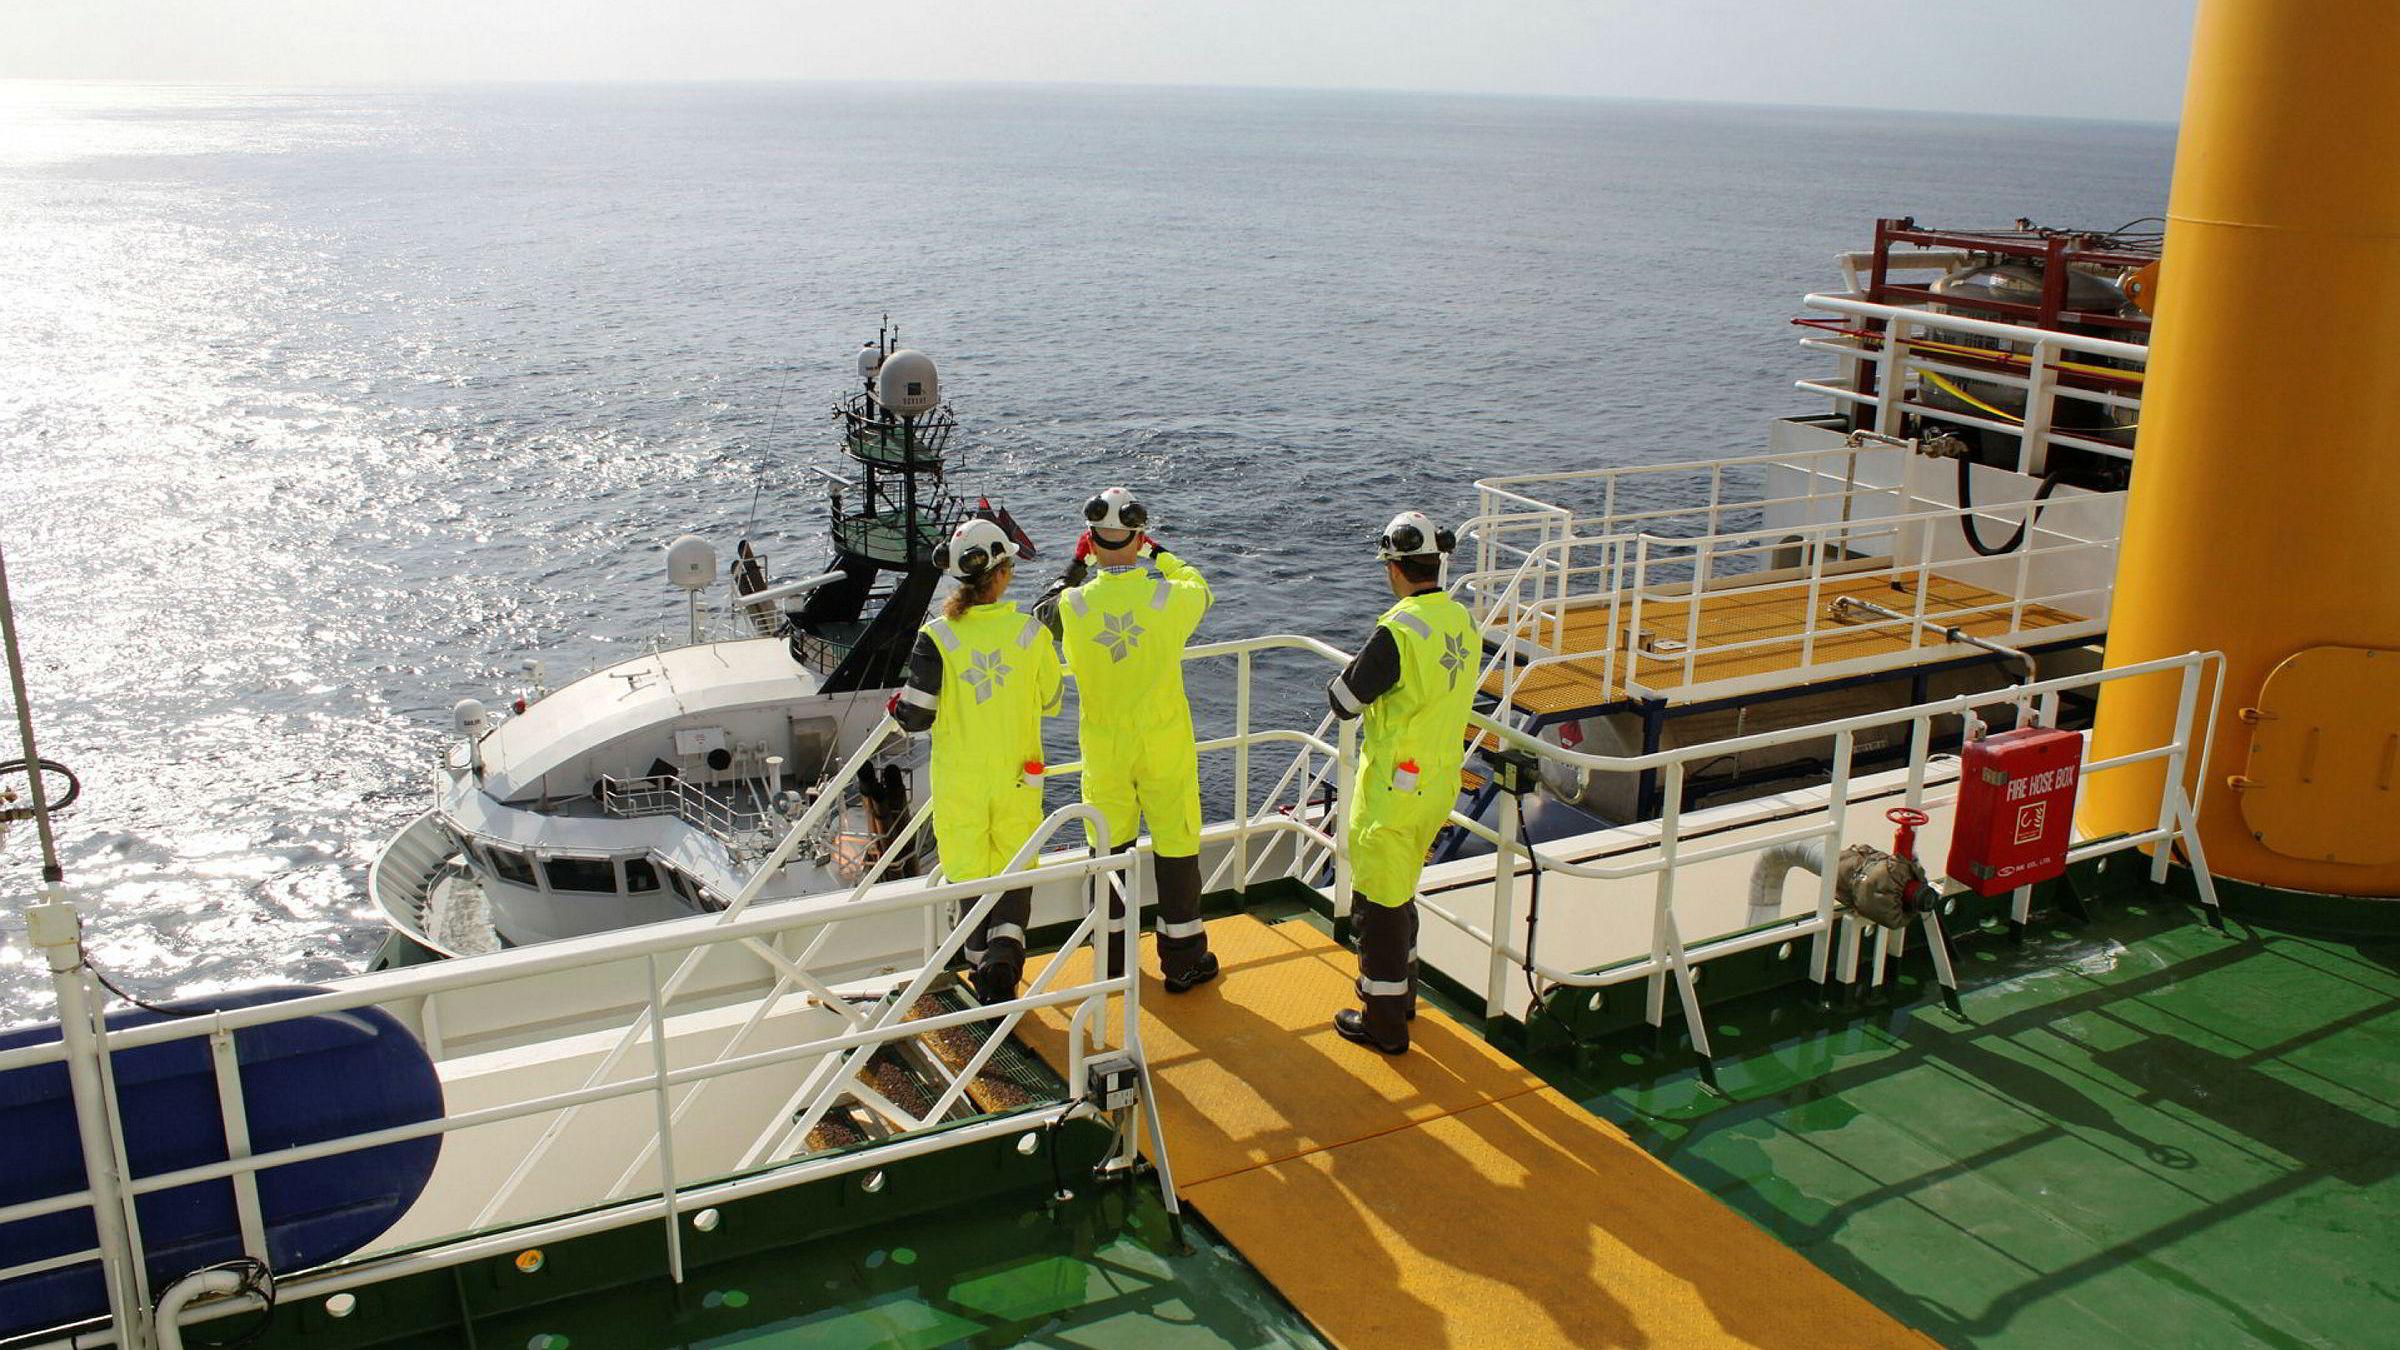 Statoil er blant selskapene som har betalt penger til forskningssenteret. Her fra Statoil boreskip Stena Carron utenfor kysten av Angola.